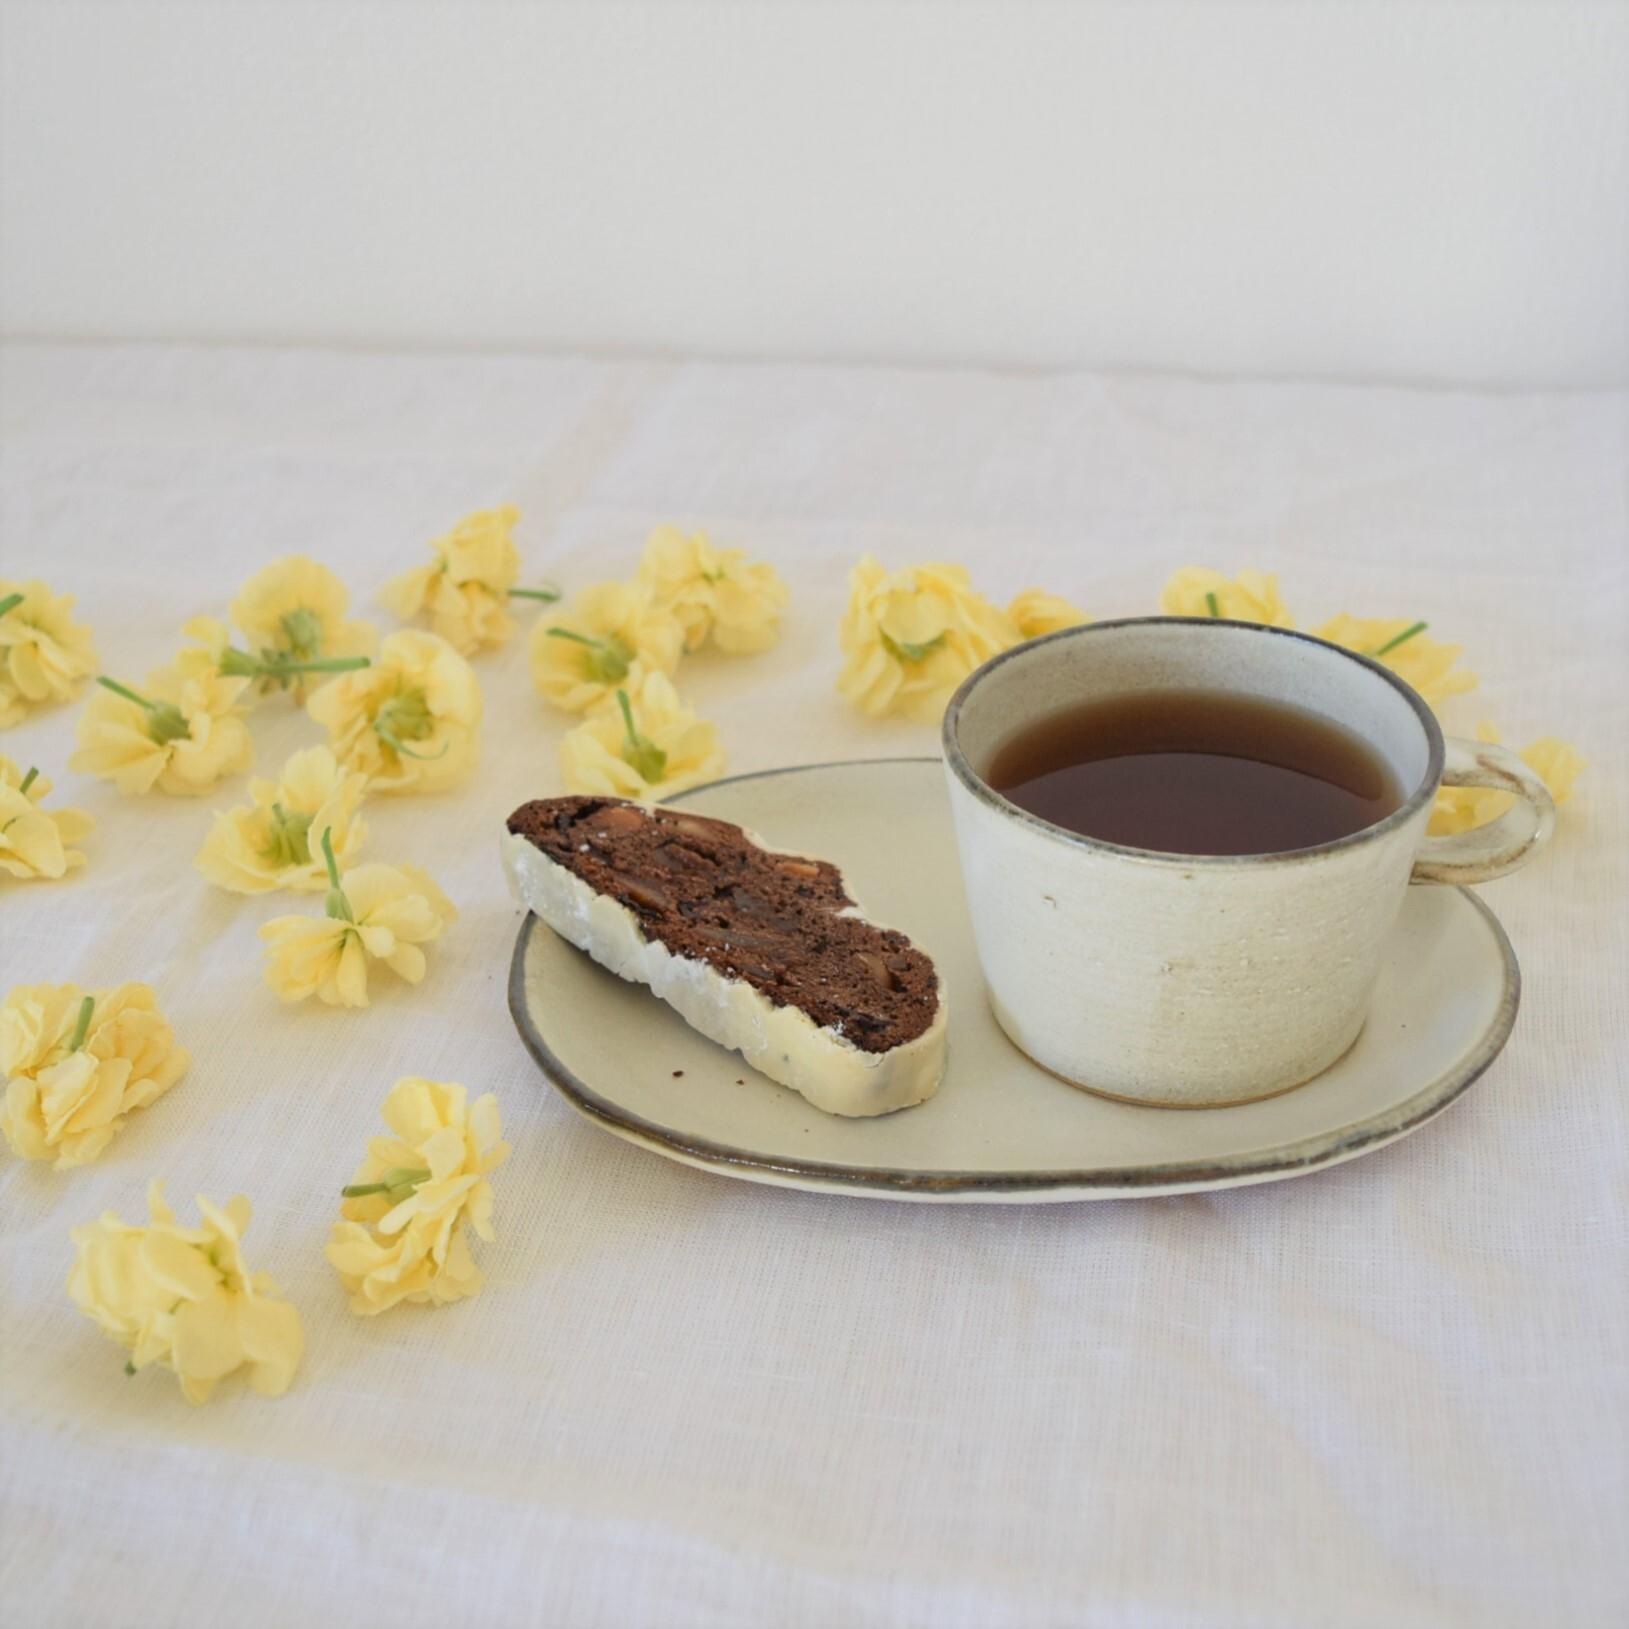 【studio m'】お茶とおやつ皿のスペシャルセット_A